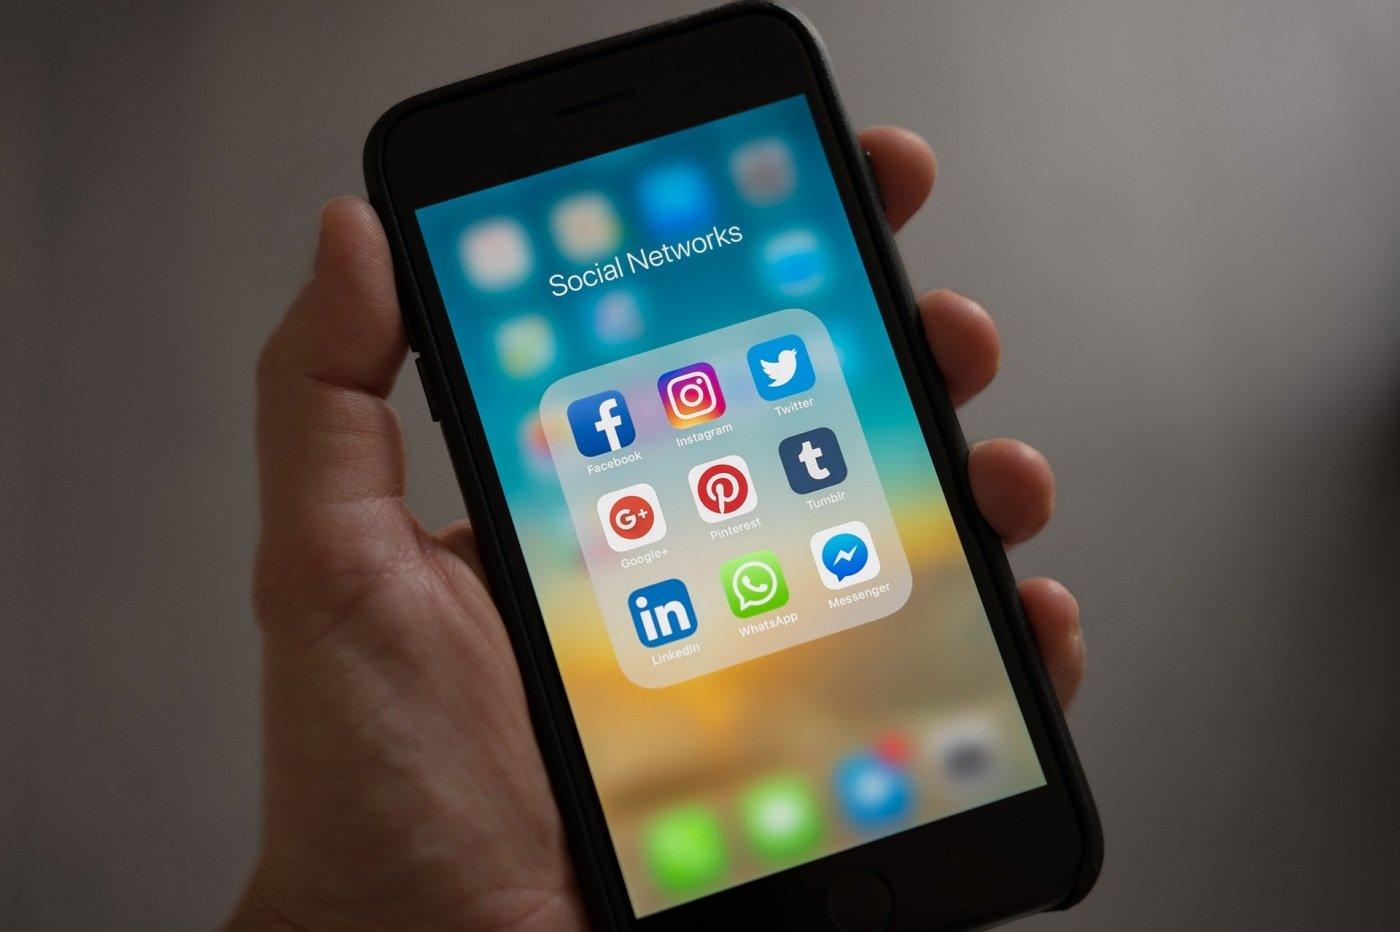 Voici ce que les internautes payeraient pour utiliser Facebook, YouTube…